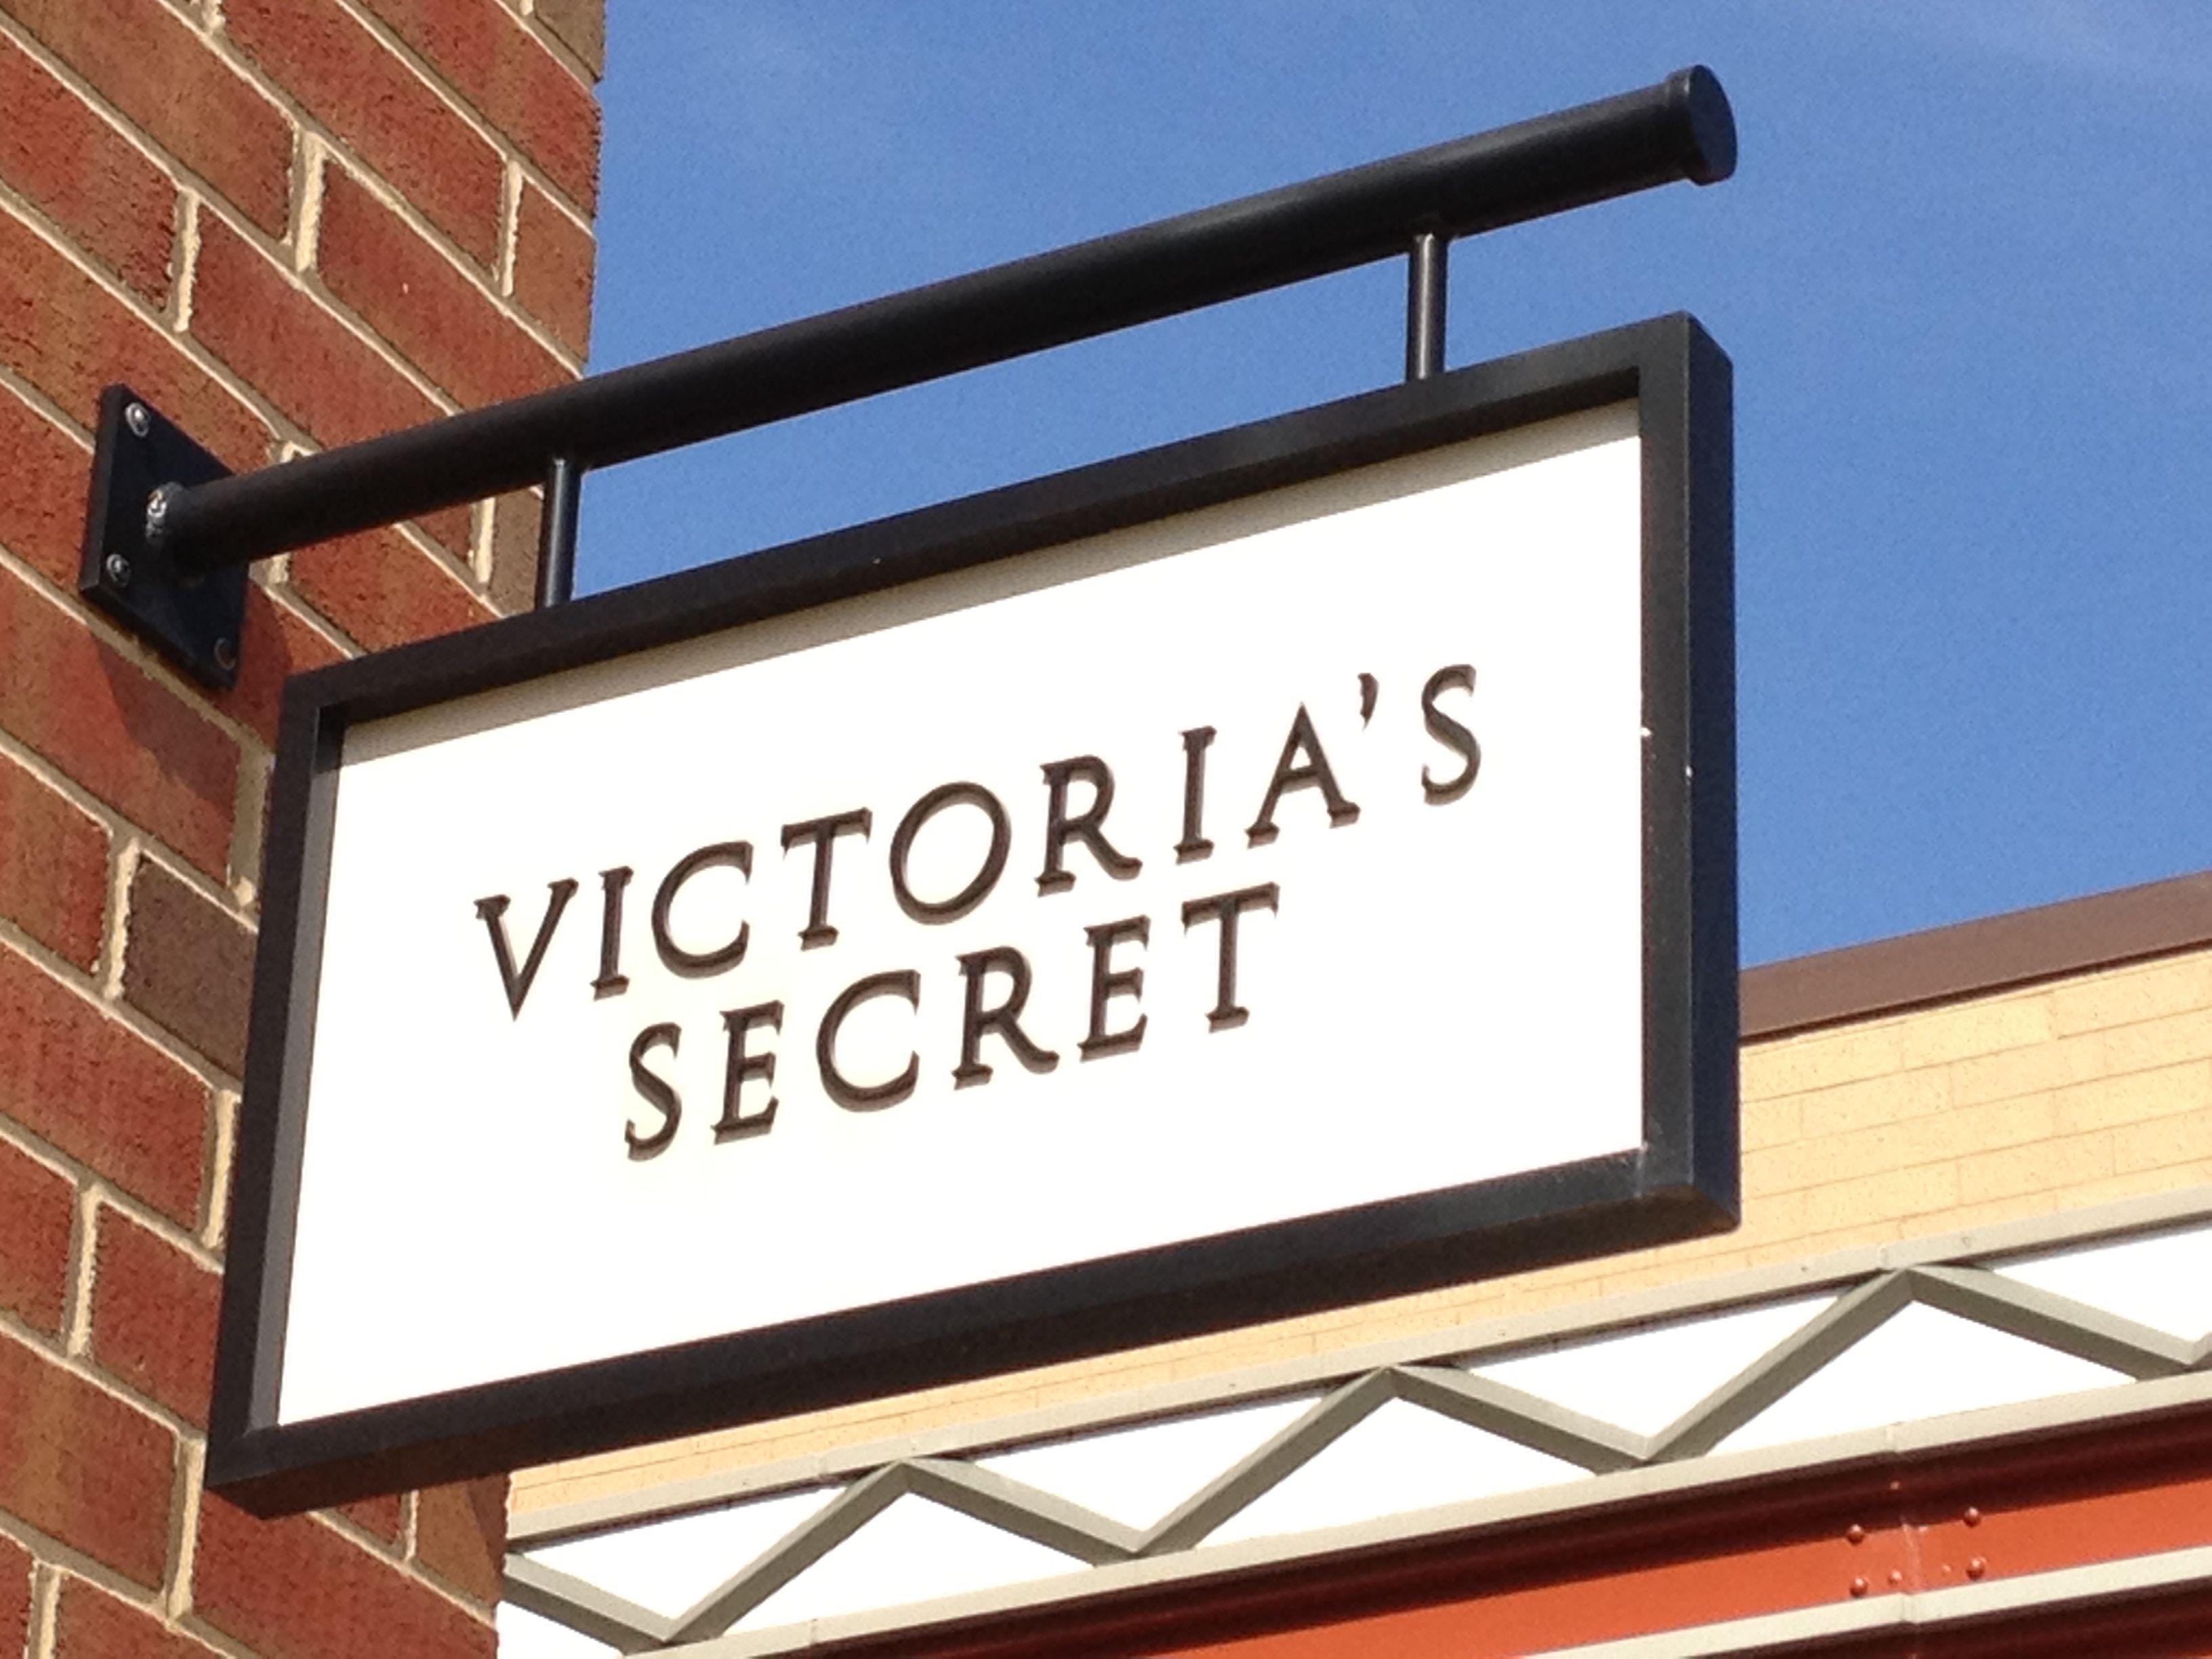 Georgia font used